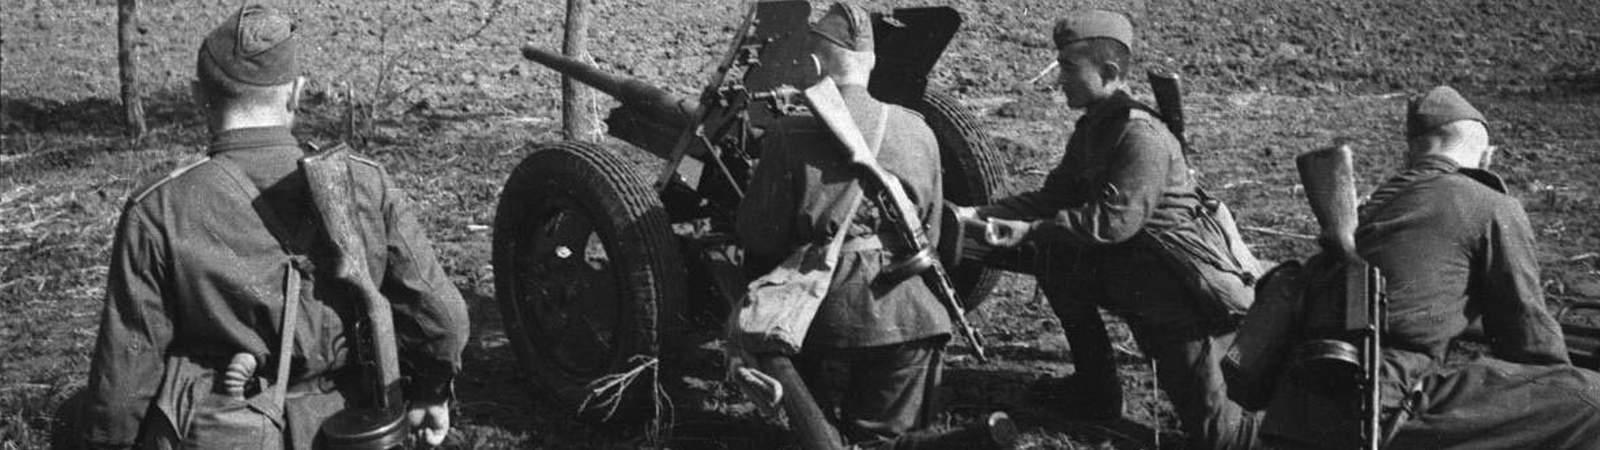 Артиллеристы Великой Отечественной войны 1941-1945